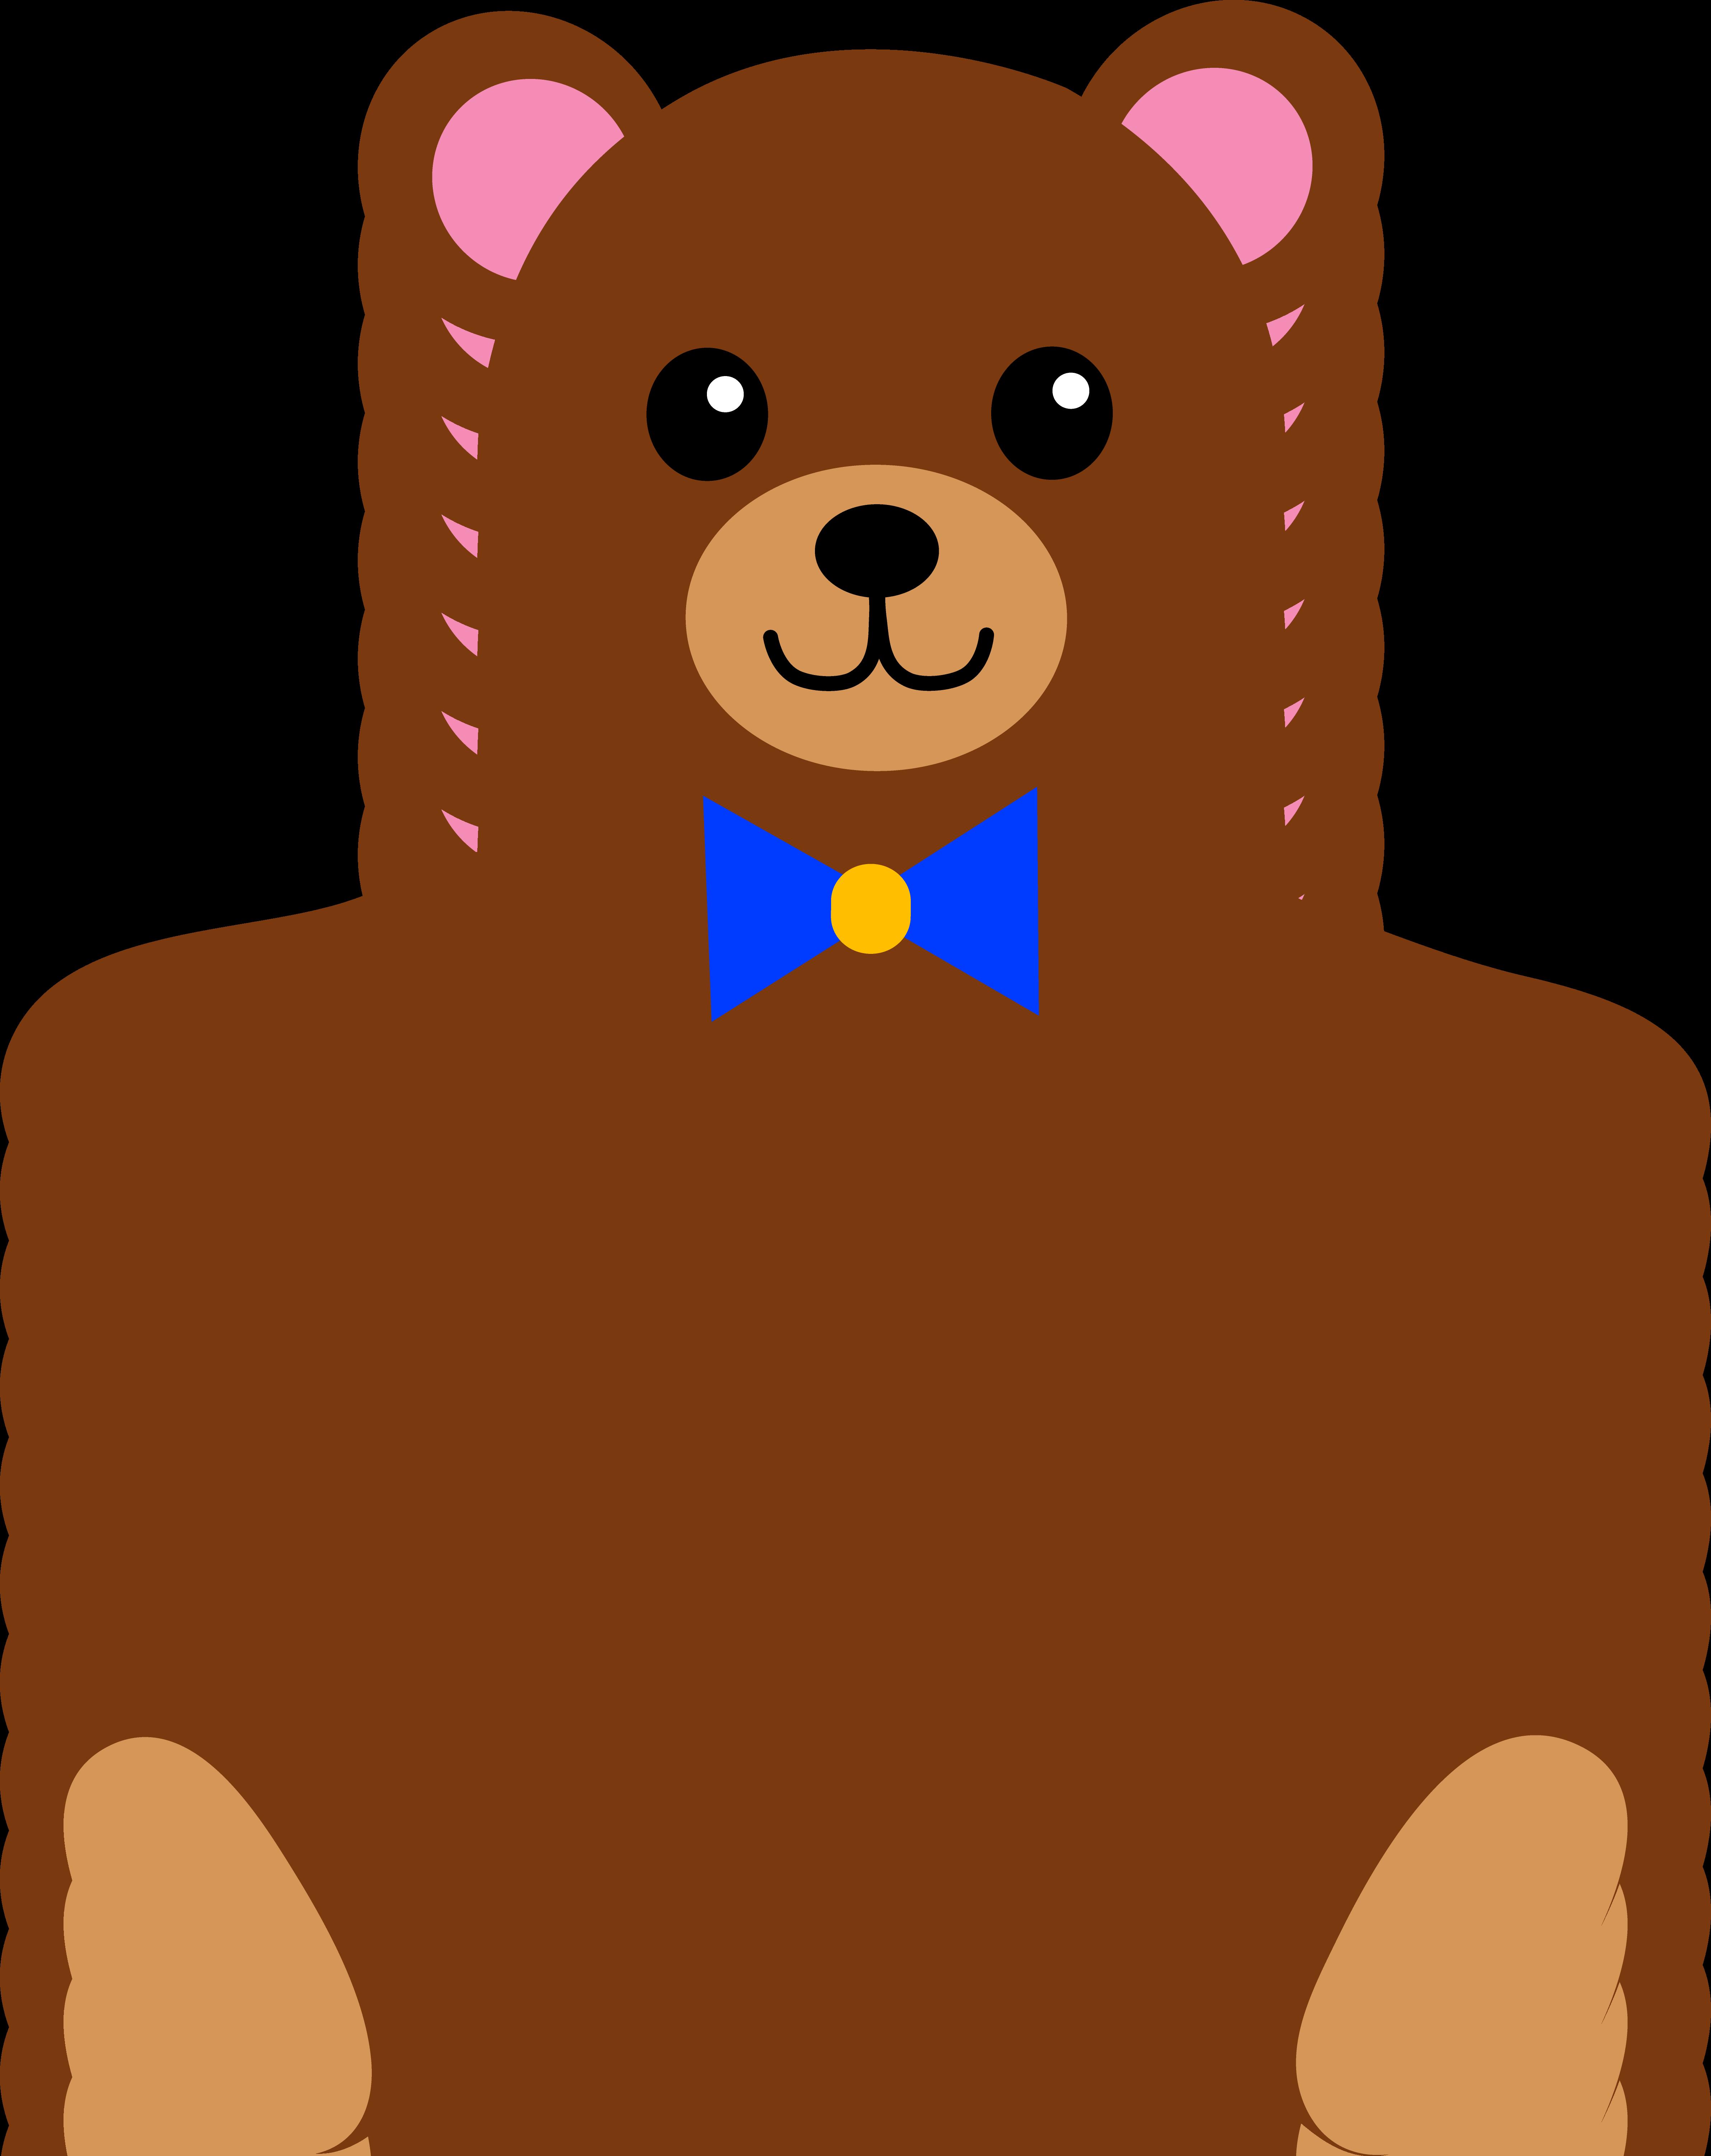 Cartoon Teddy Bears With Hearts Goldilocks puppets mama bear